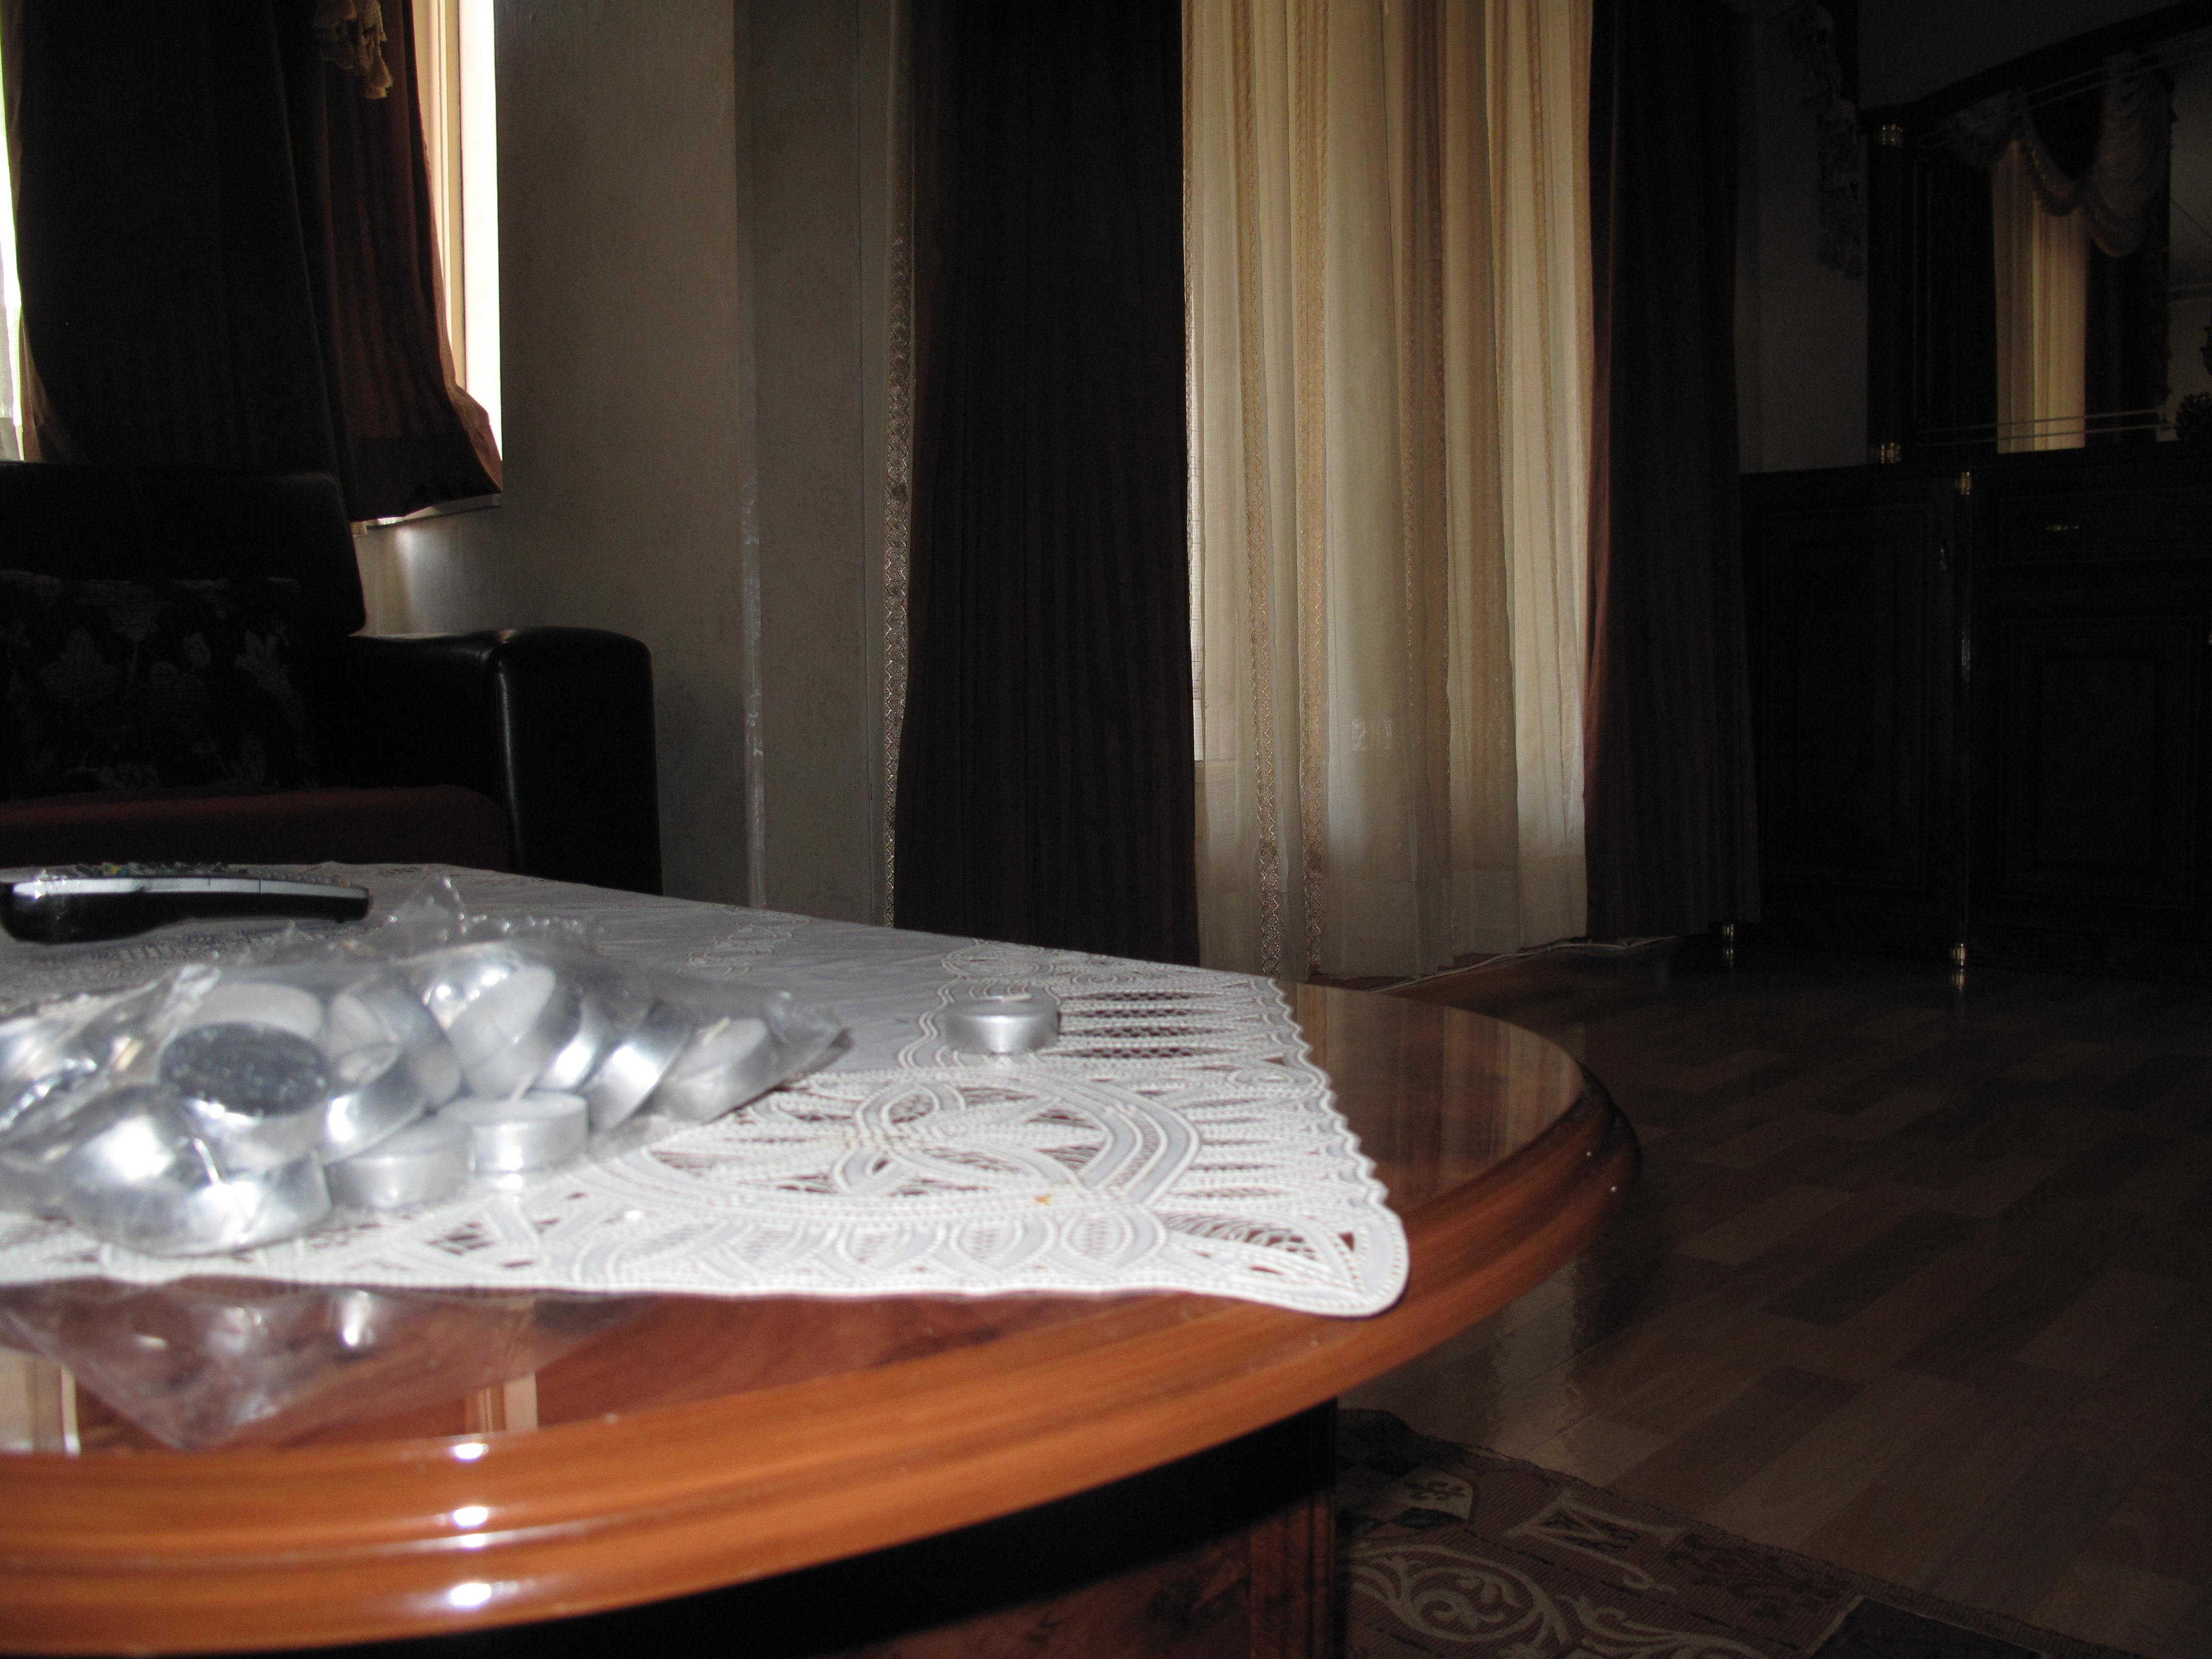 Kaarsjes In Huis : Kaarsen in de badkamer u devolonter